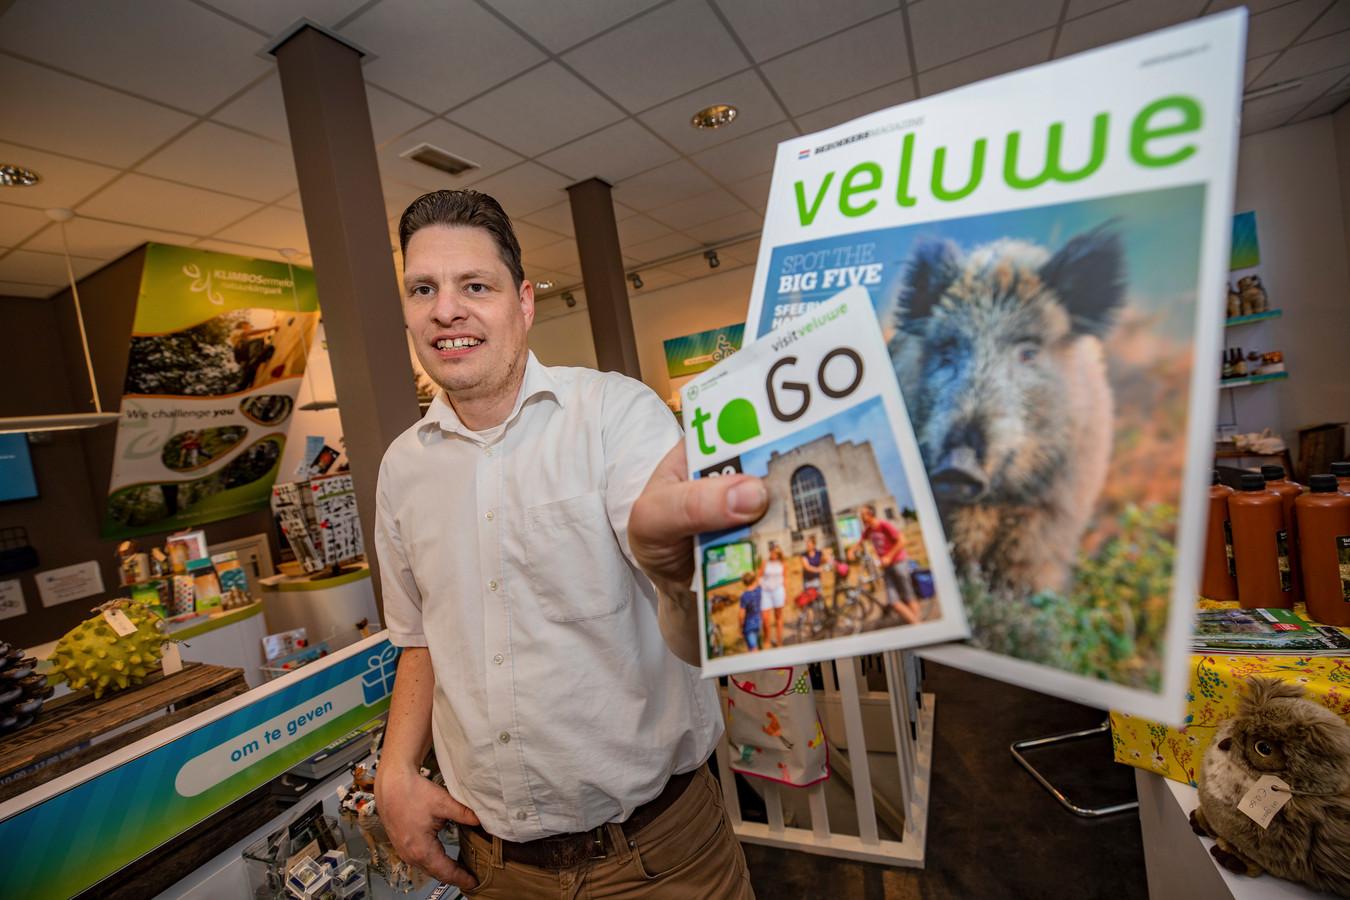 Ronnie Regeling, vestigingsmanager van het VVV-kantoor in Ermelo, is topdrukte met deze paasdagen. Niet alleen raakt Ermelo overstroomd met campinggasten die info willen, ook organiseert de VVV samen met ondernemers zaterdag de Paasmarkt, waar hij ook erg druk voor is.